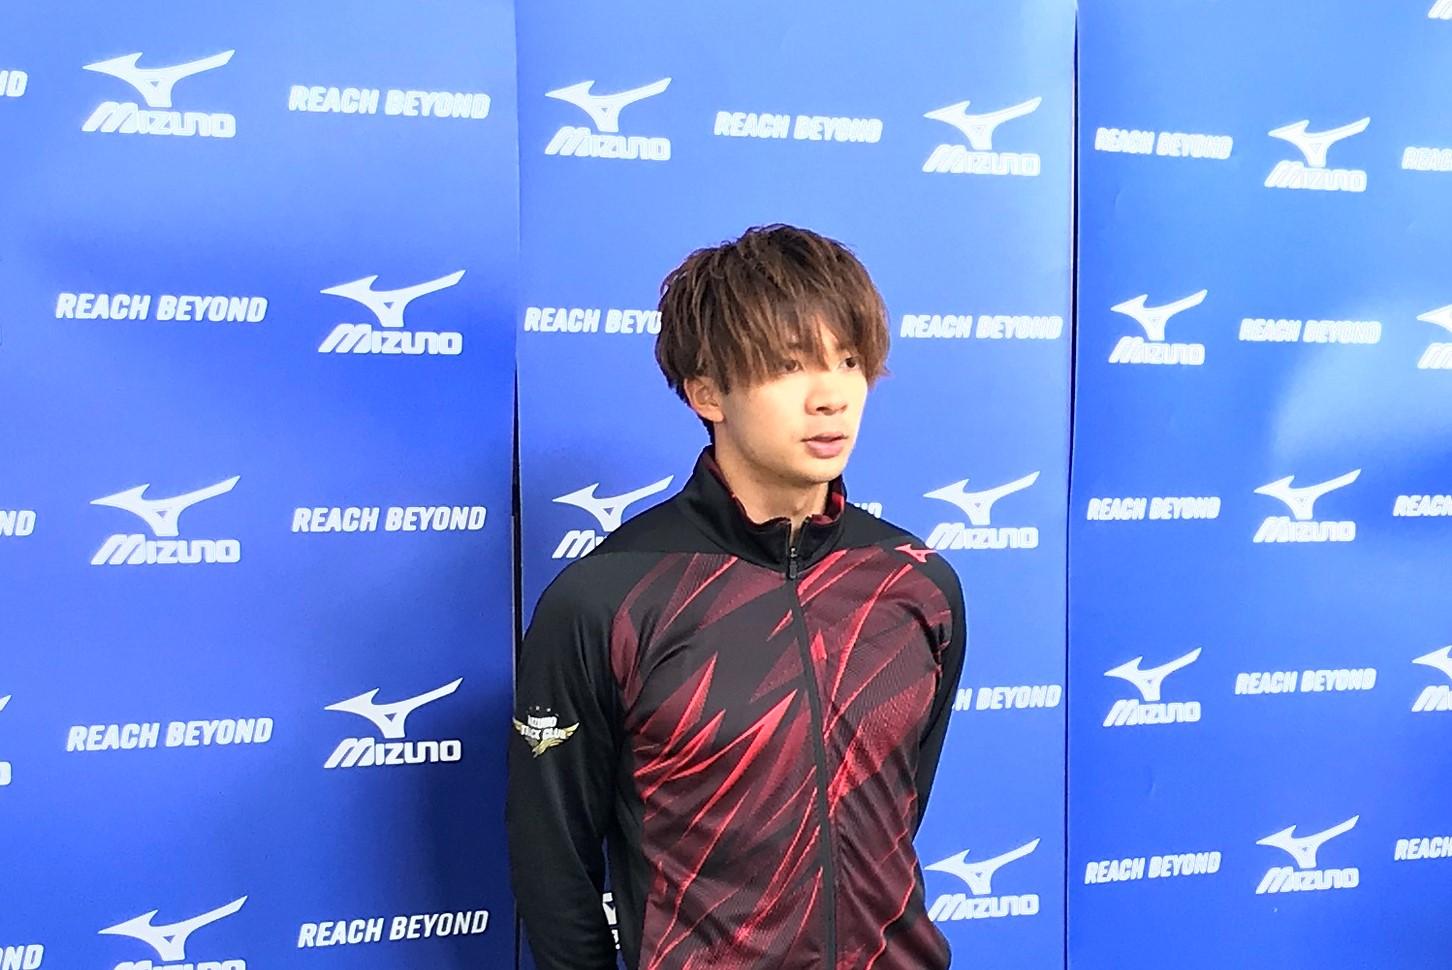 110mH金井大旺が地元・北海道で公開練習 シーズンに向け「完成度高めたい」